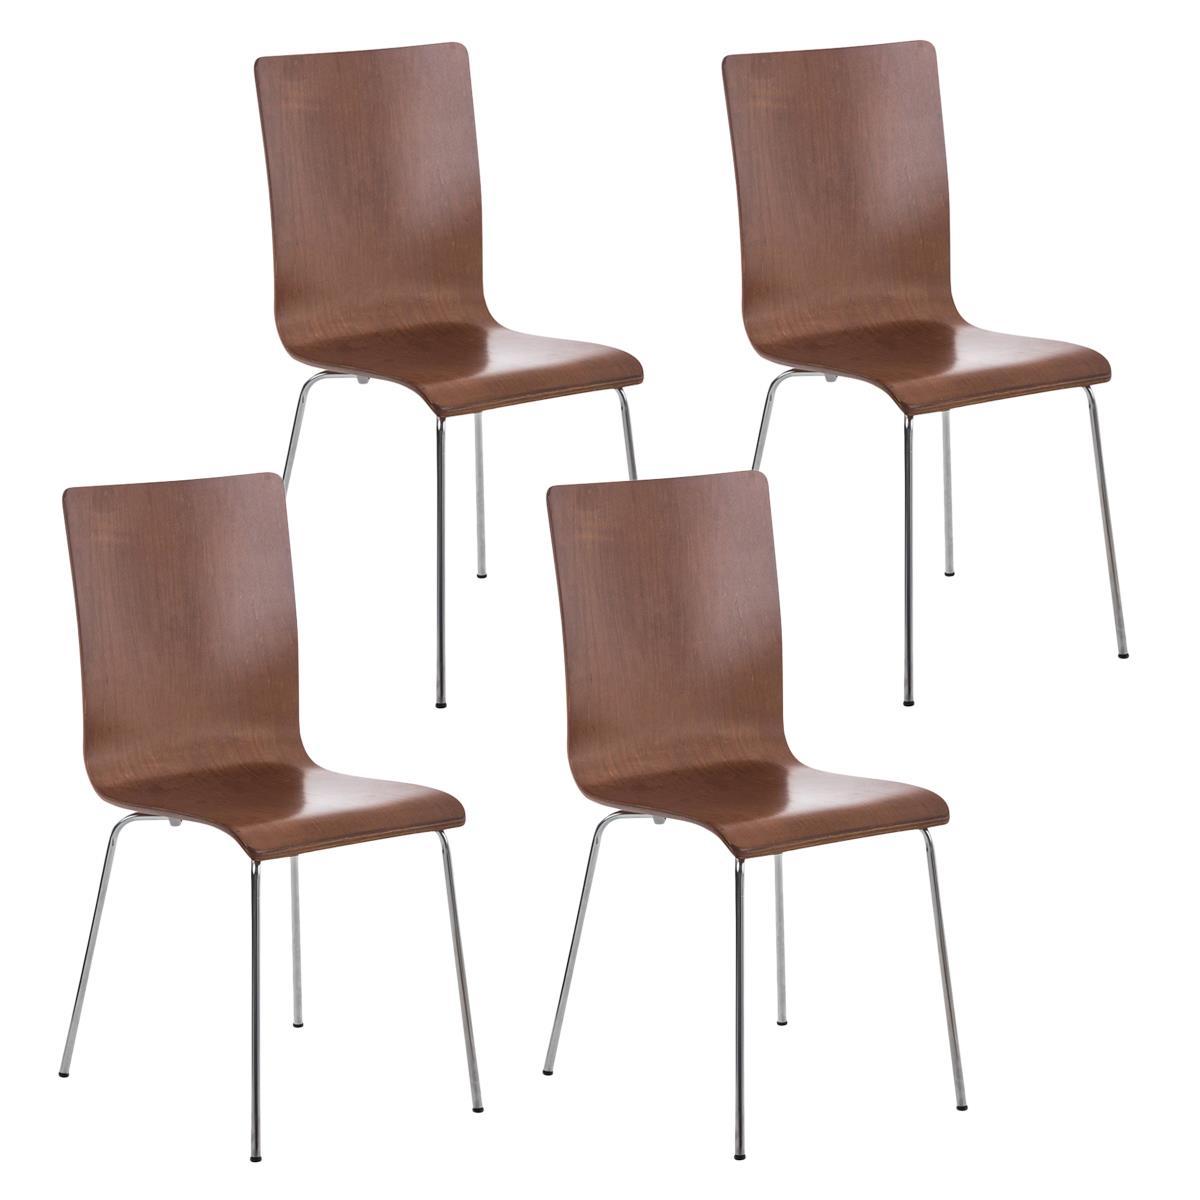 Conjunto de 4 sillas de cocina o comedor lodi en color for Sillas comedor patas metalicas